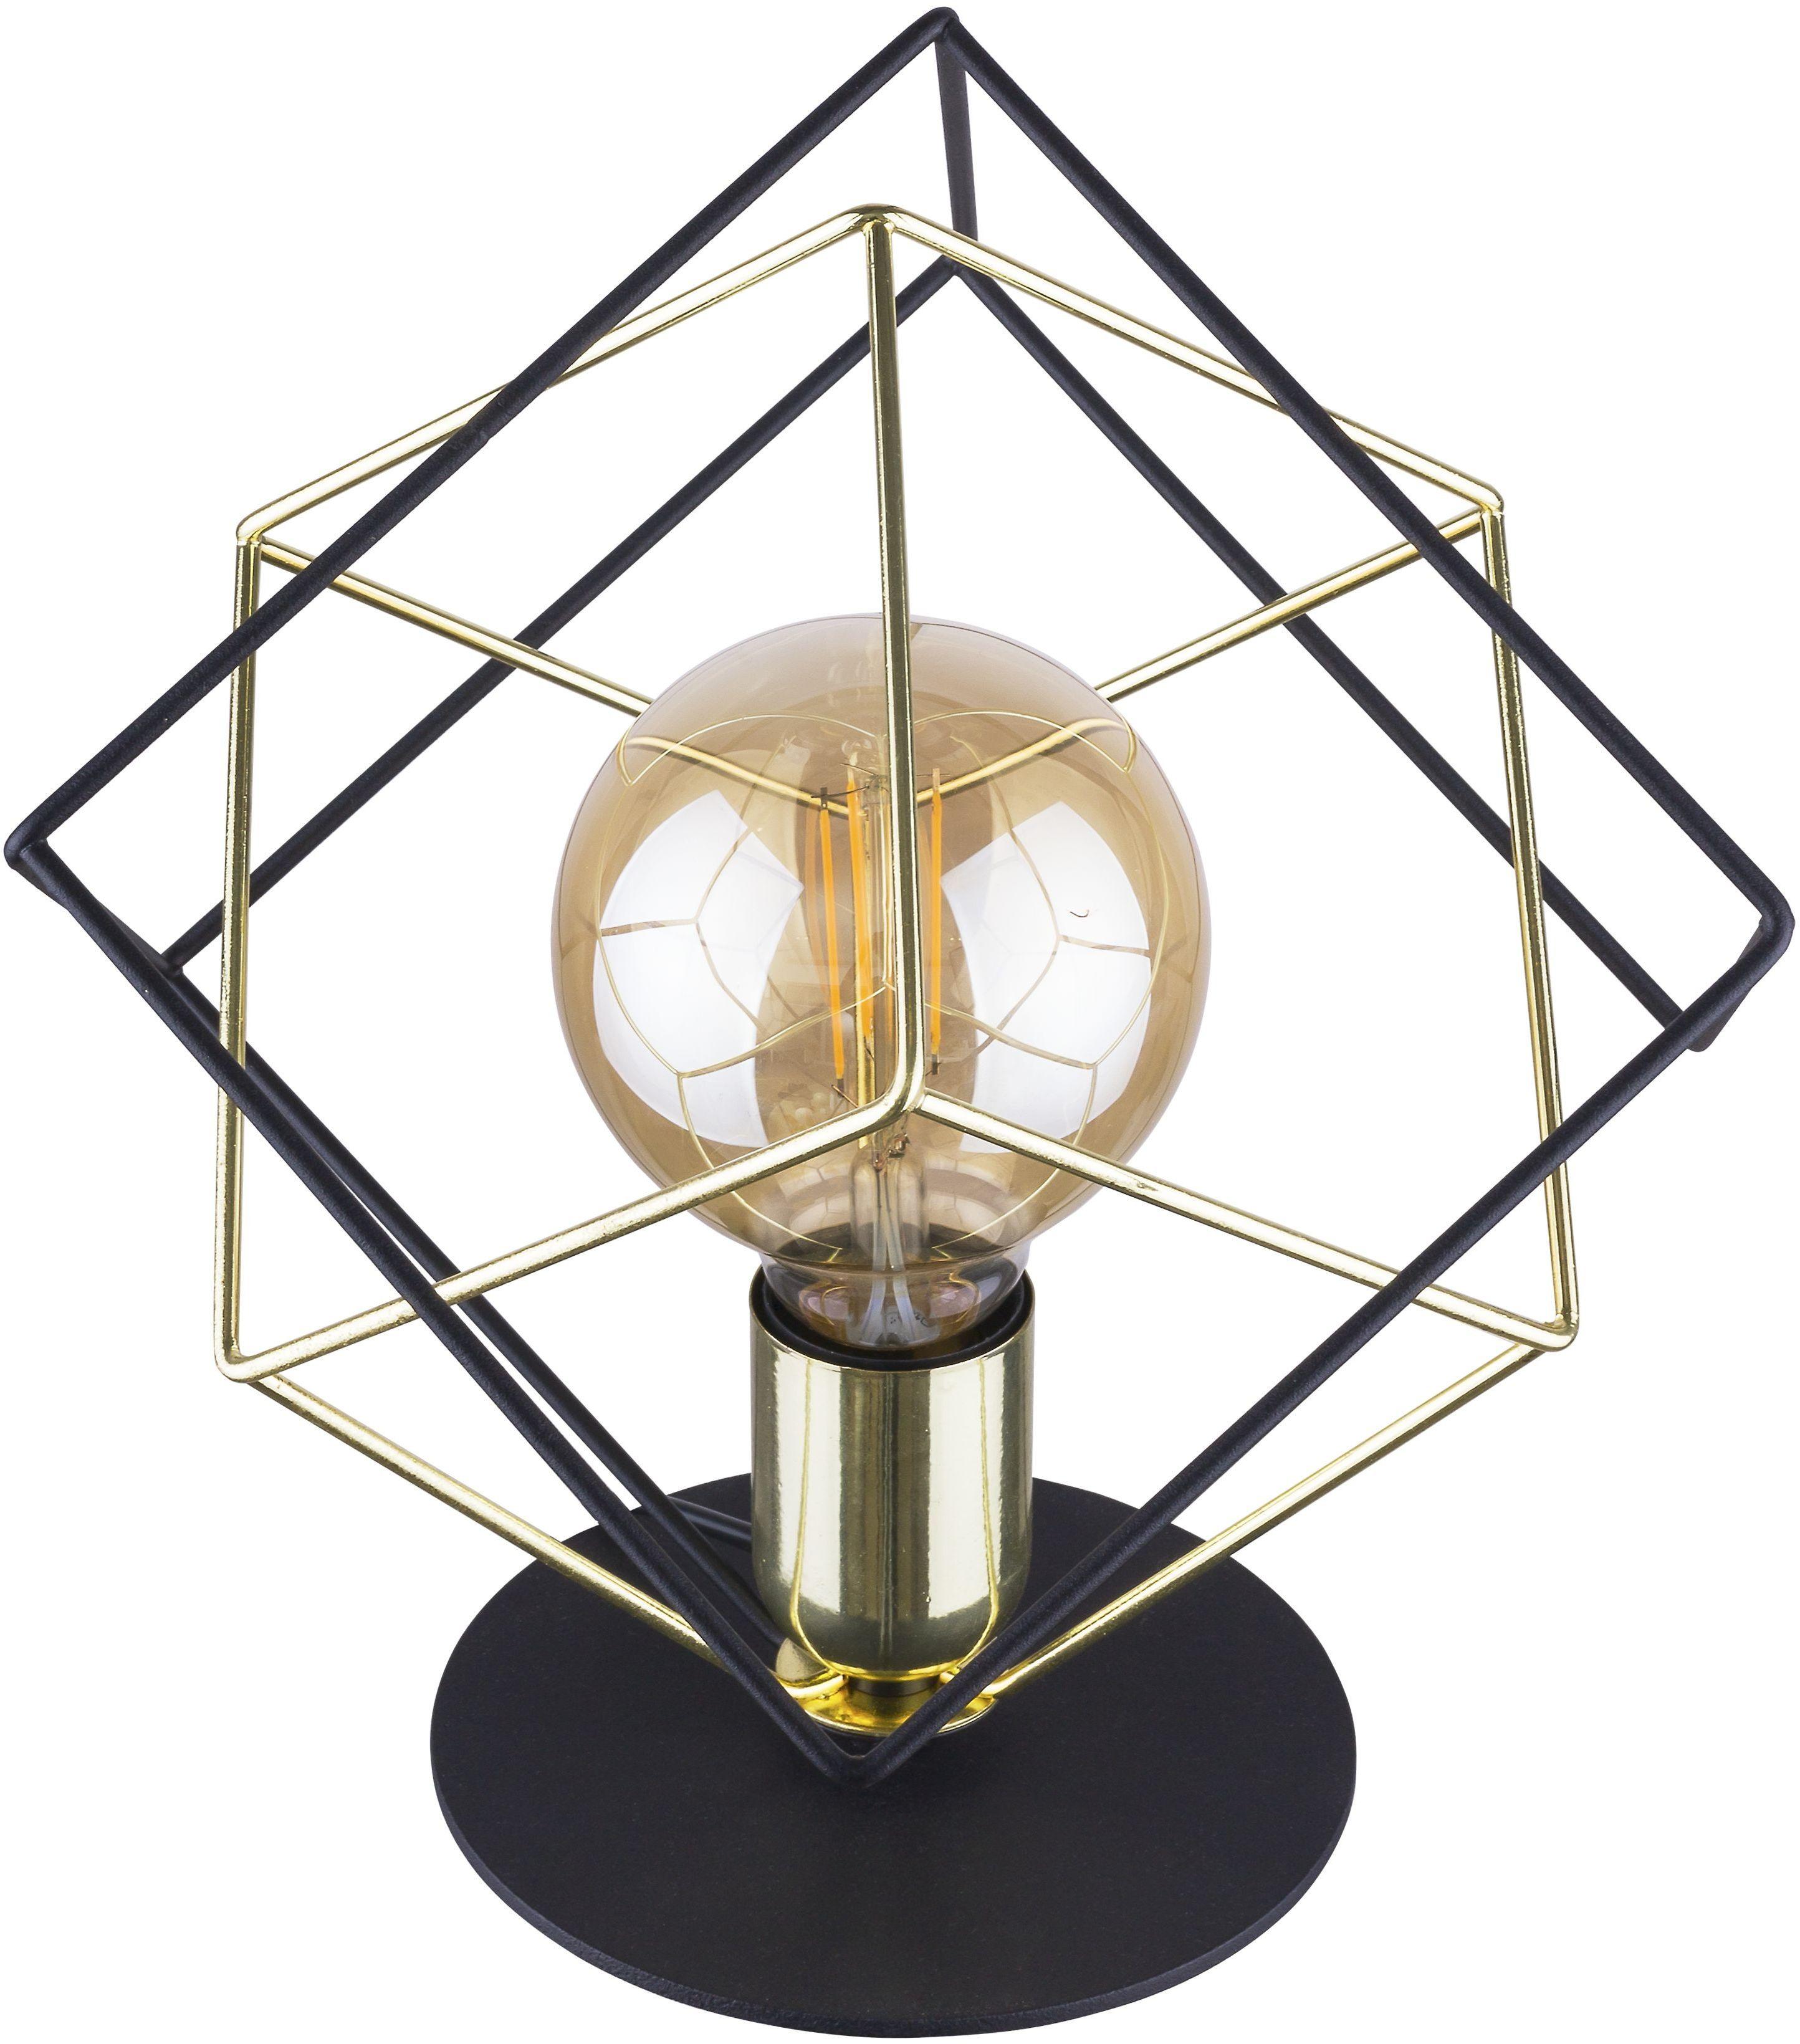 Lampka Alambre 1 punktowa złota 5450 - TK Lighting Do -17% rabatu w koszyku i darmowa dostawa od 299zł !